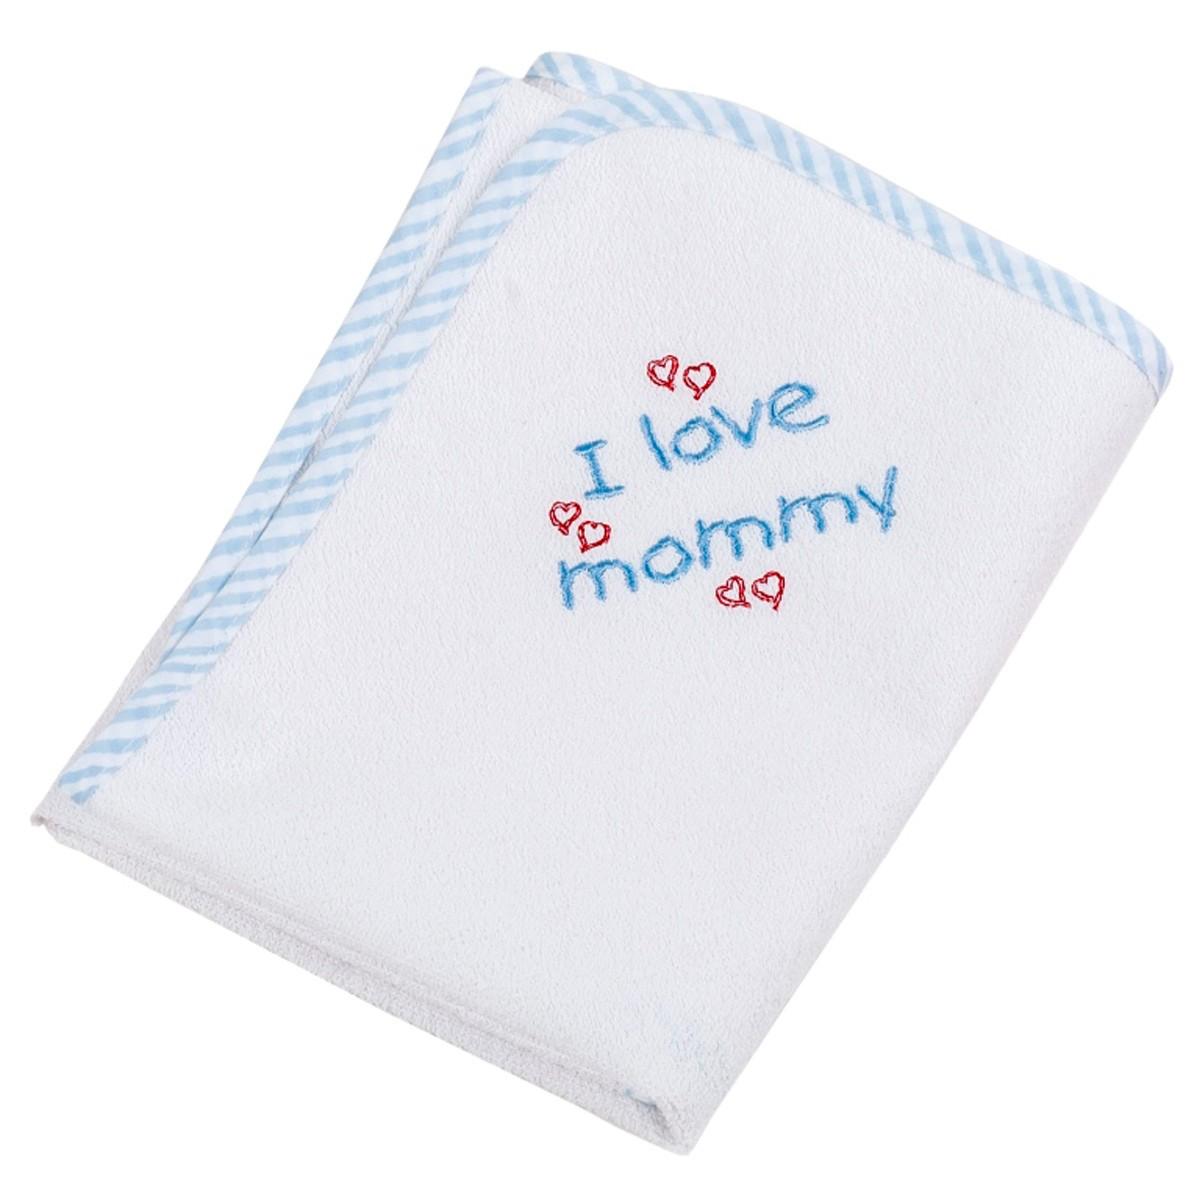 Βρεφικό Σελτεδάκι (60×80) Κόσμος Του Μωρού Mommy 0625 Σιέλ